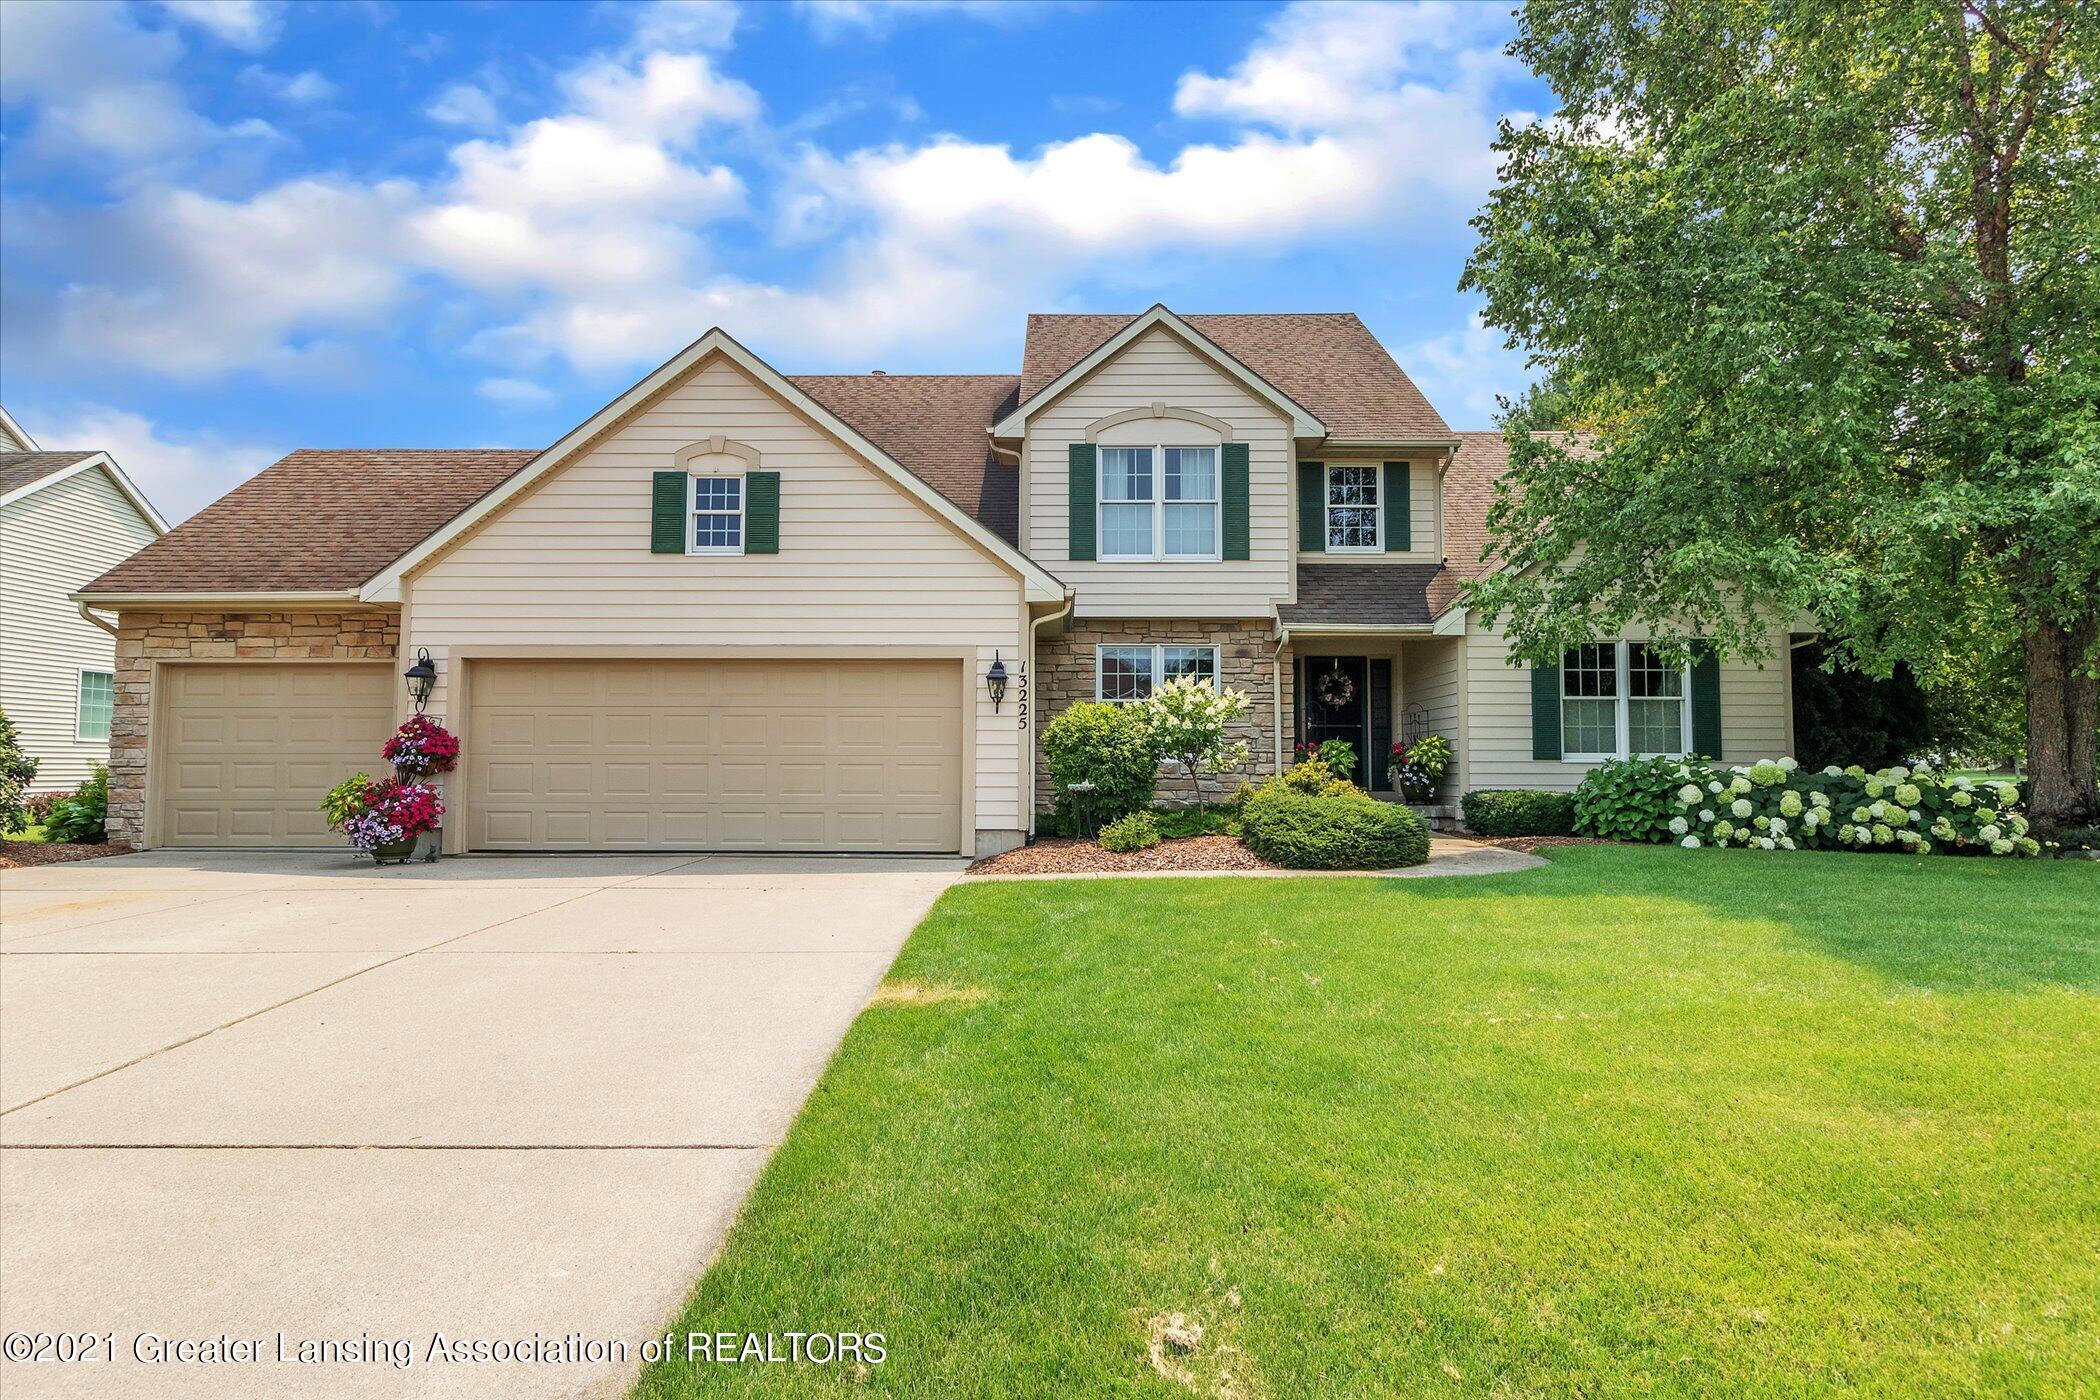 13225 Speckledwood Dr - Front of House - 1